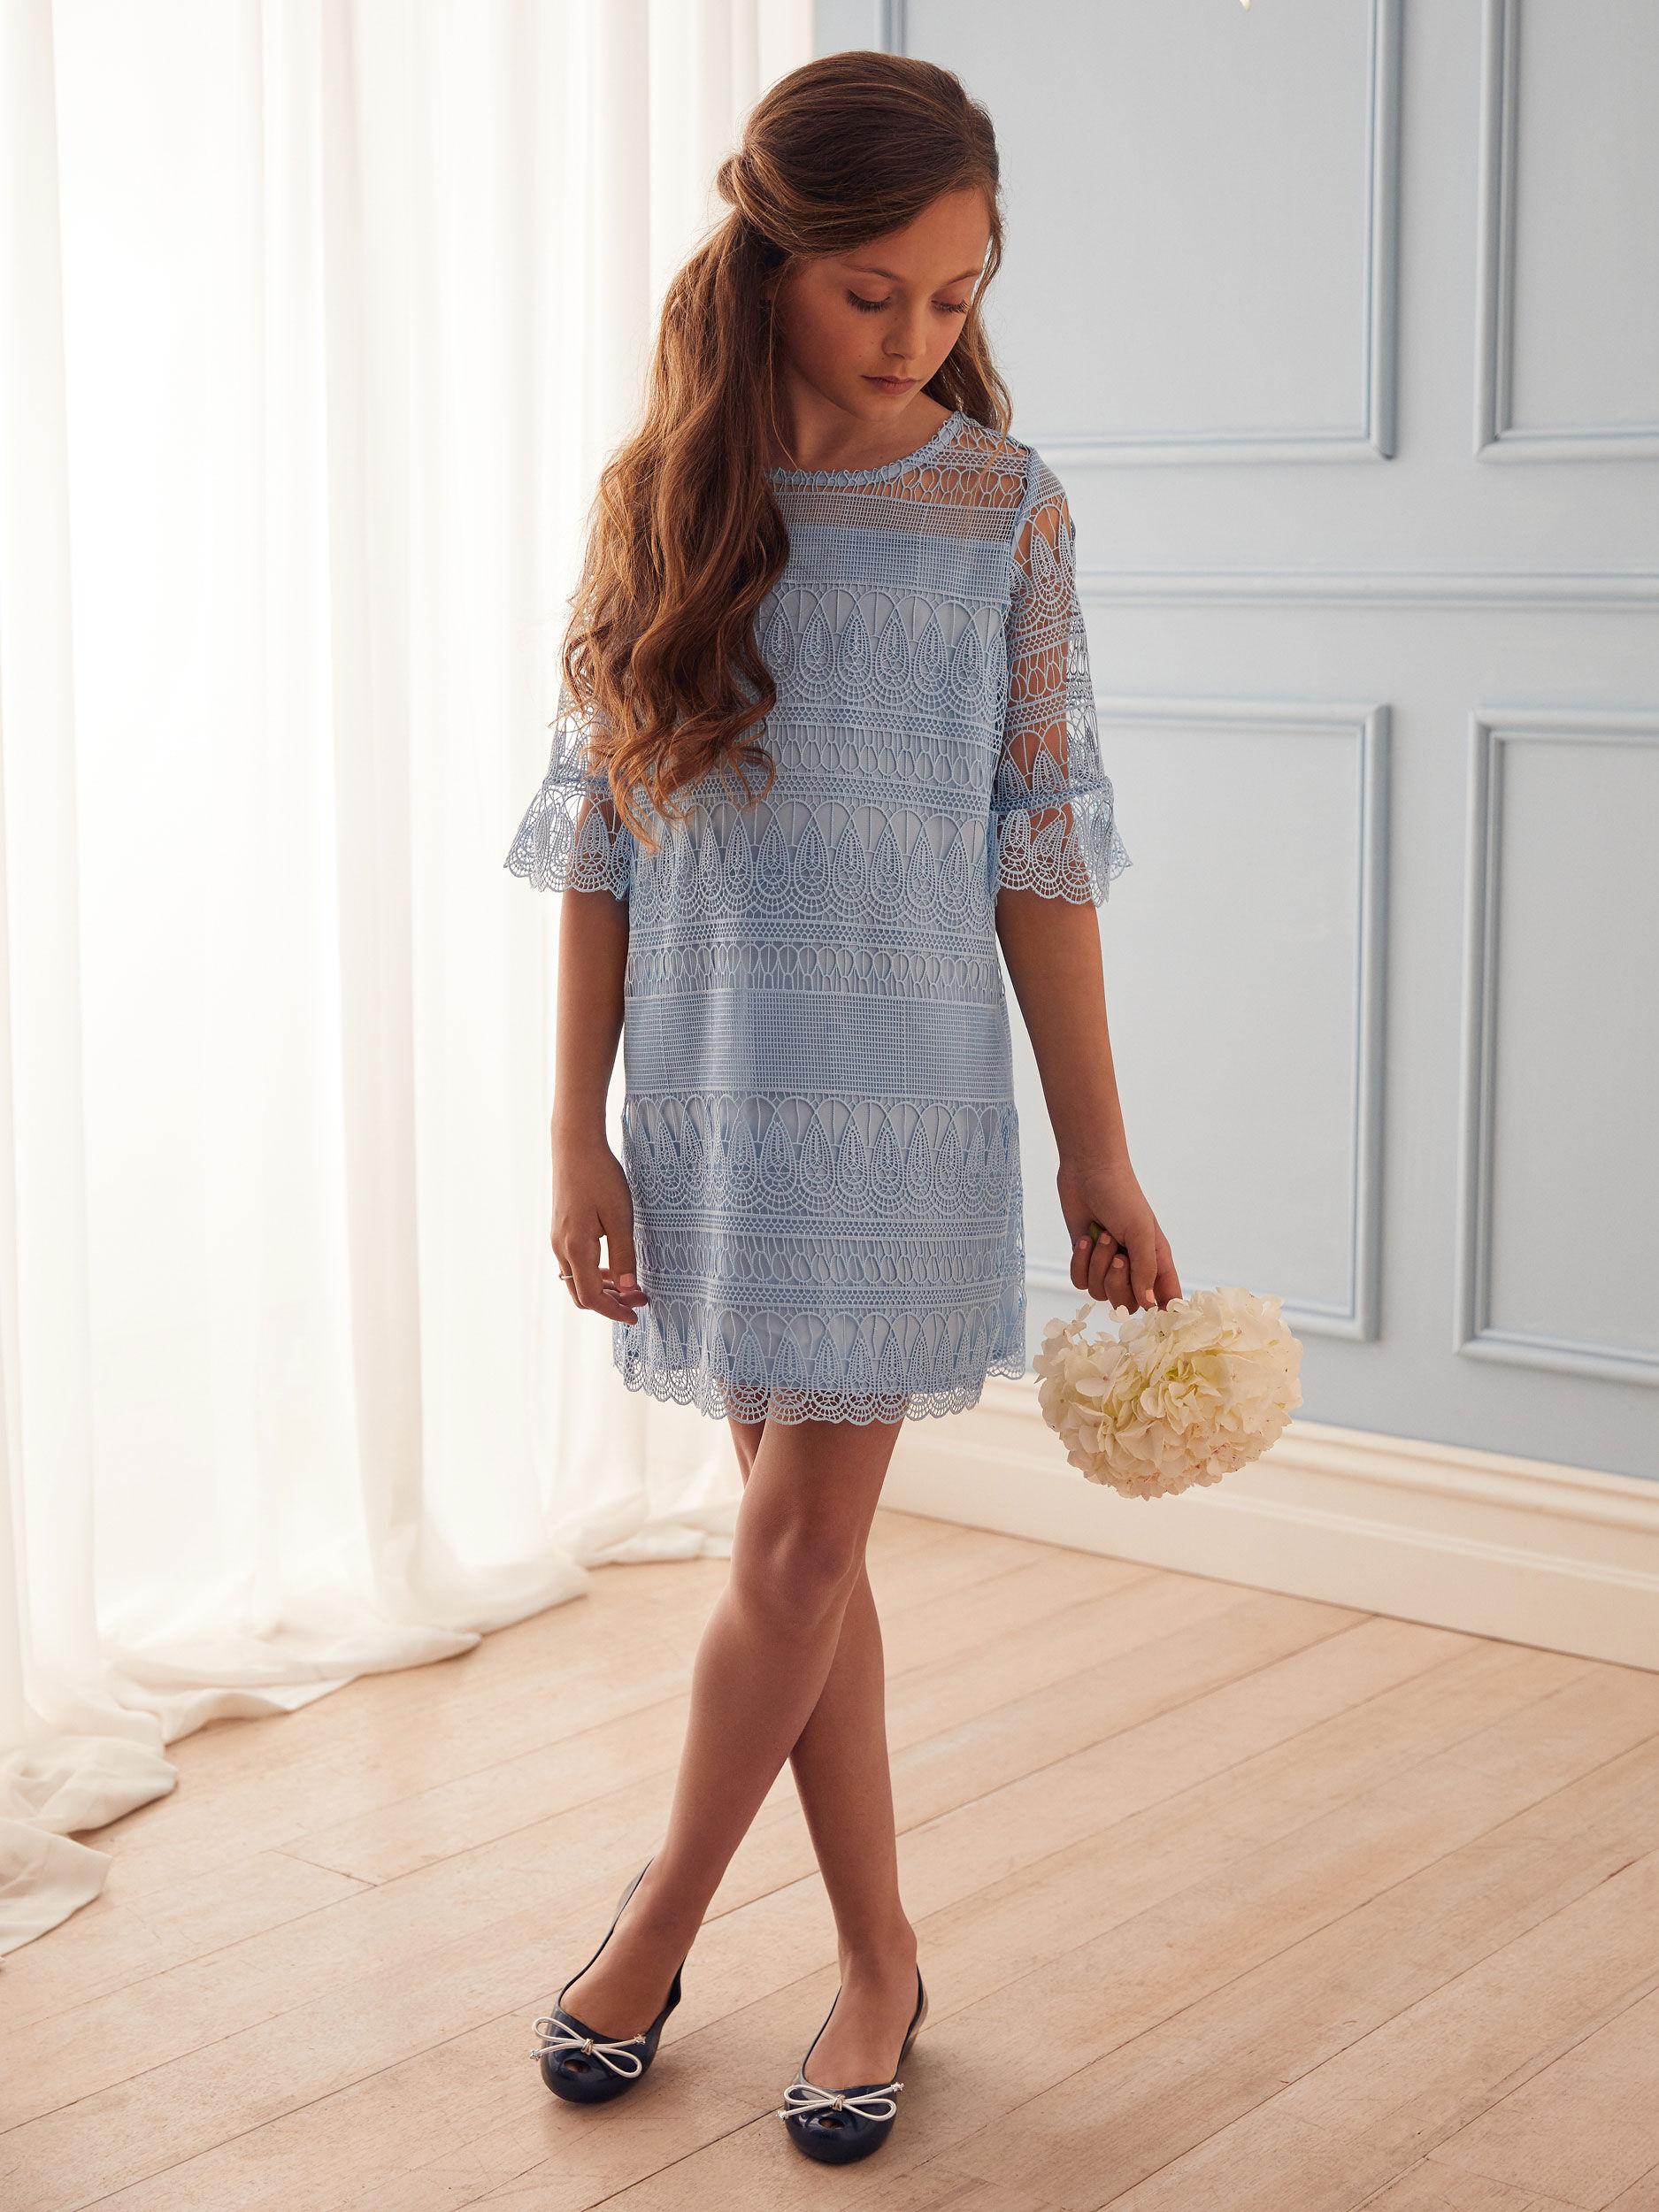 8 -14 Girls Lace Dress